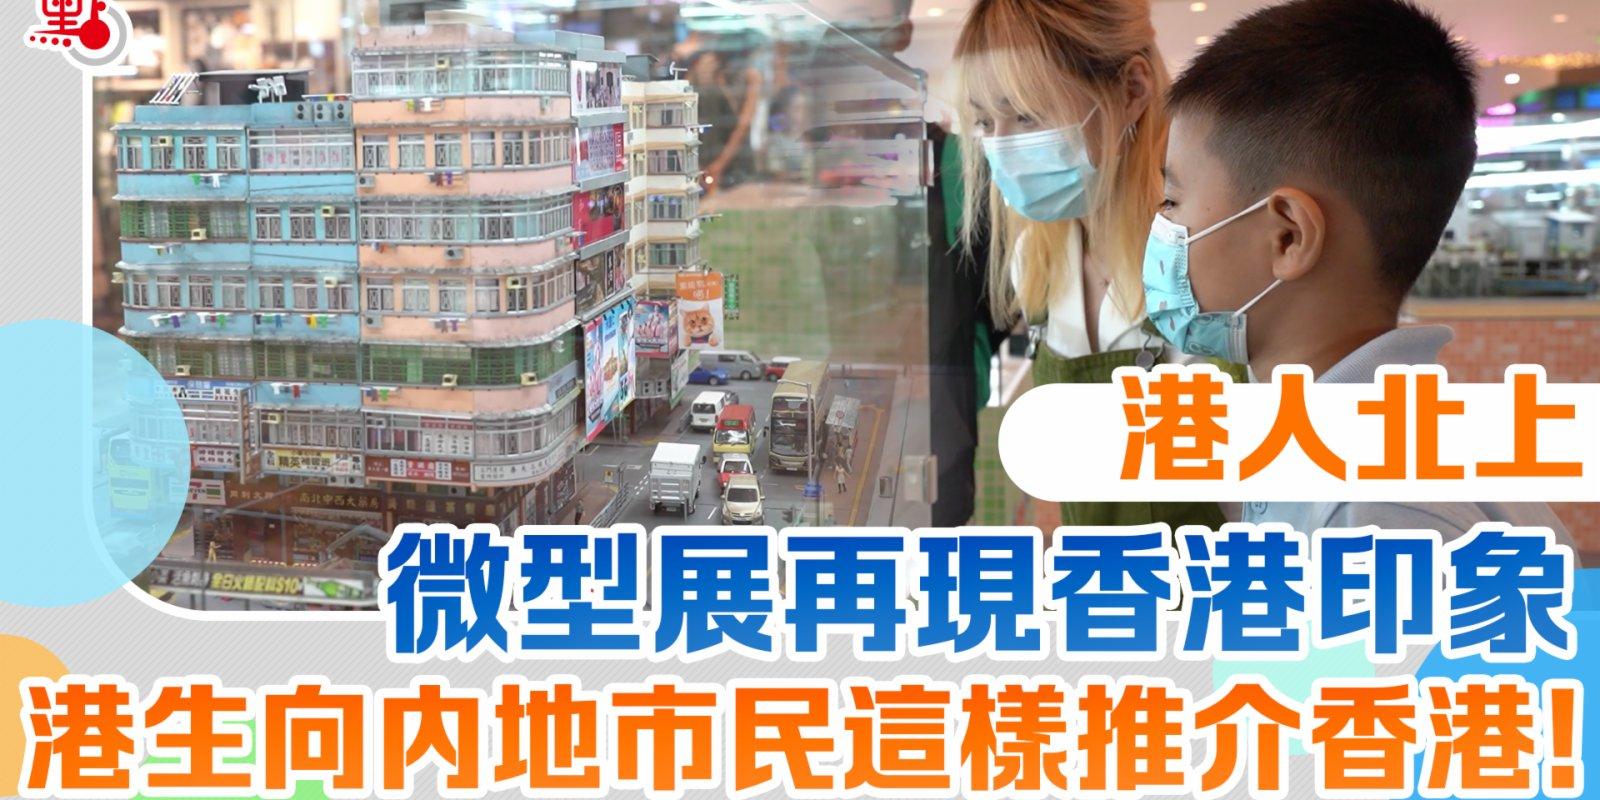 港人北上|微型展再現香港印象 港生向內地市民這樣推介香港!